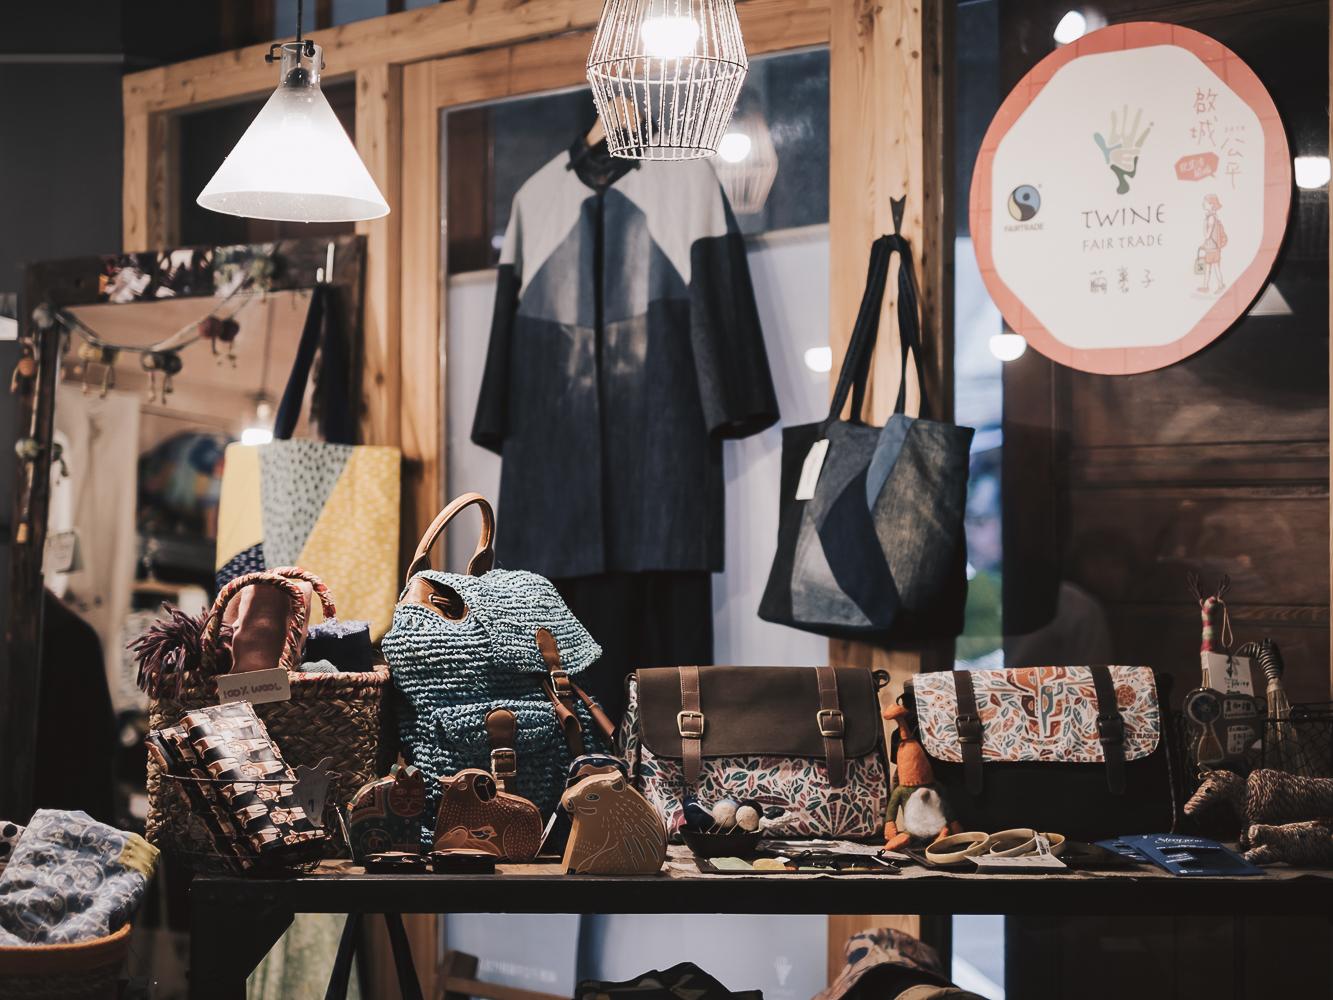 繭裹子 TWINE Green & Fair Trade Interview - FUJIFilm XT33514 - Yes! Please Enjoy by Fanning Tseng-23.jpg